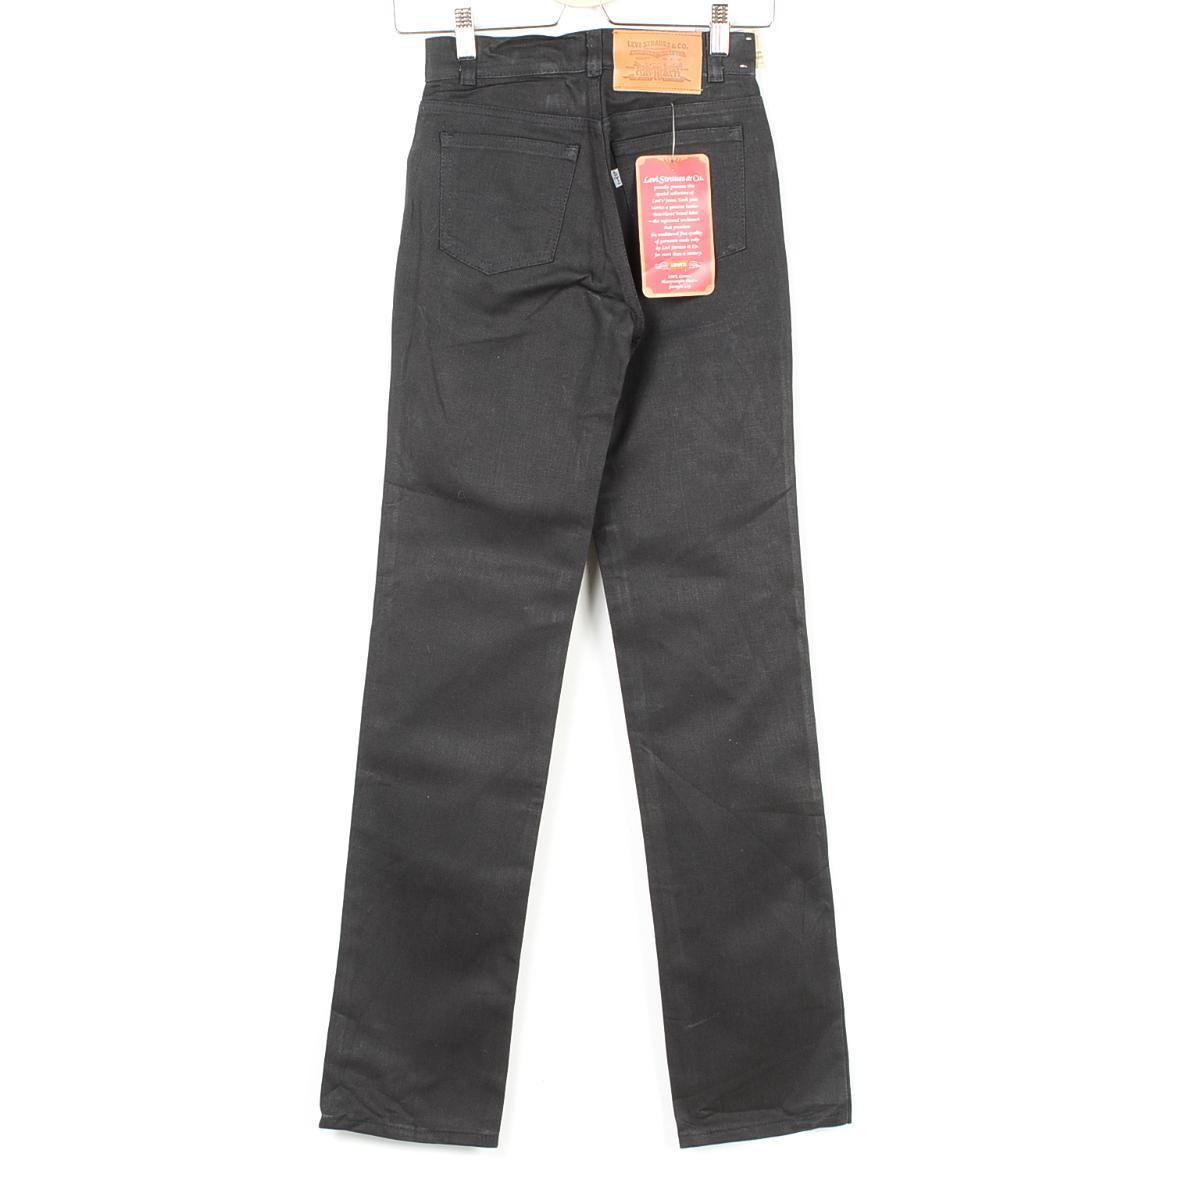 用闪光器 deadstock DEADSTOCK 80 年代 Levis 519 美国做成的棉裤子女士 w25 老式李维斯 /wek2035 151018